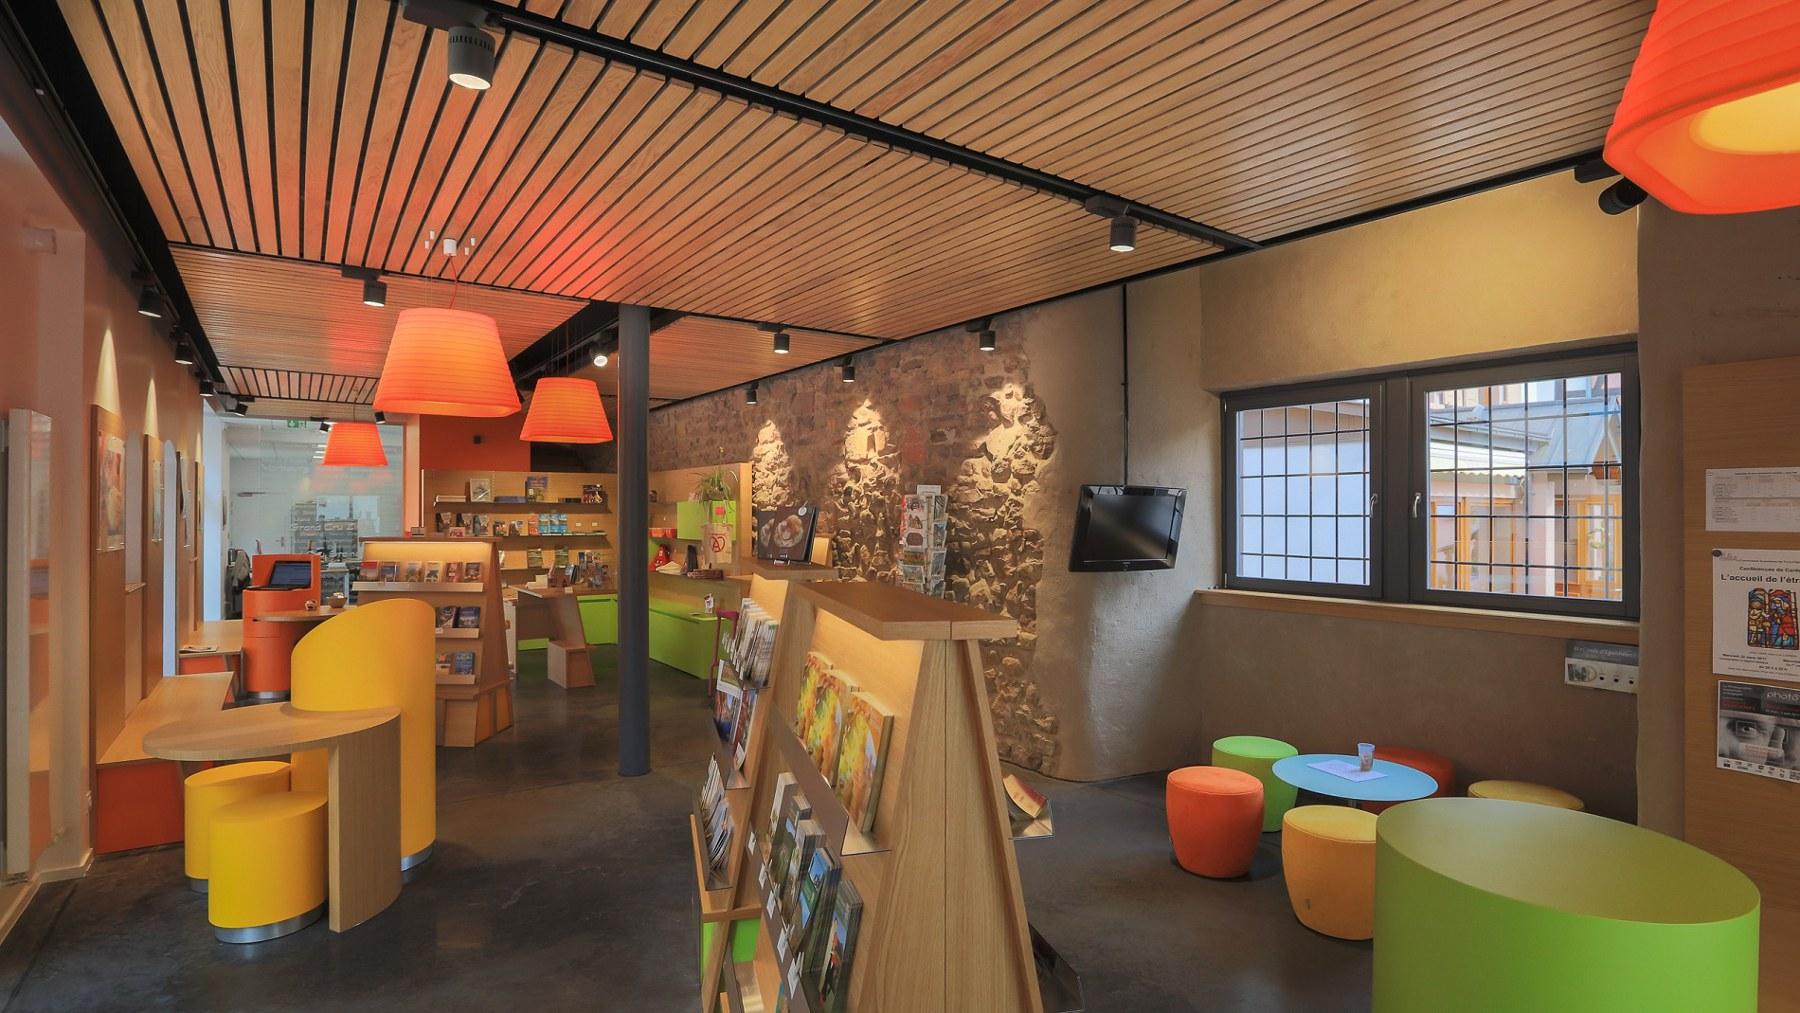 Office de tourisme du pays d 39 eguisheim et de rouffach bureau d 39 eguisheim - Office de tourisme eguisheim ...